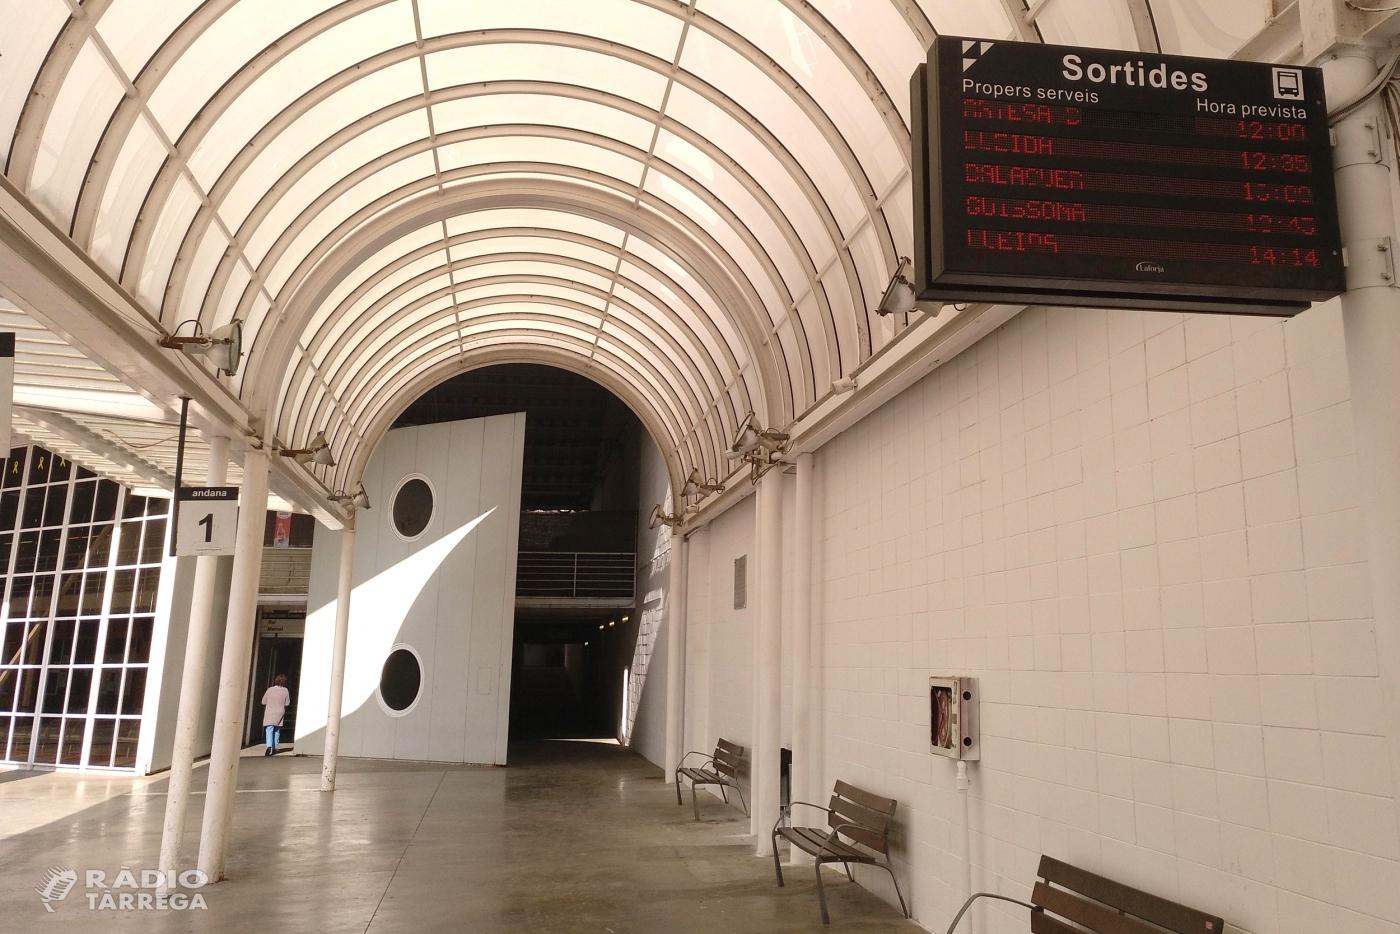 Treballs de millora a l'estació d'autobusos de Tàrrega